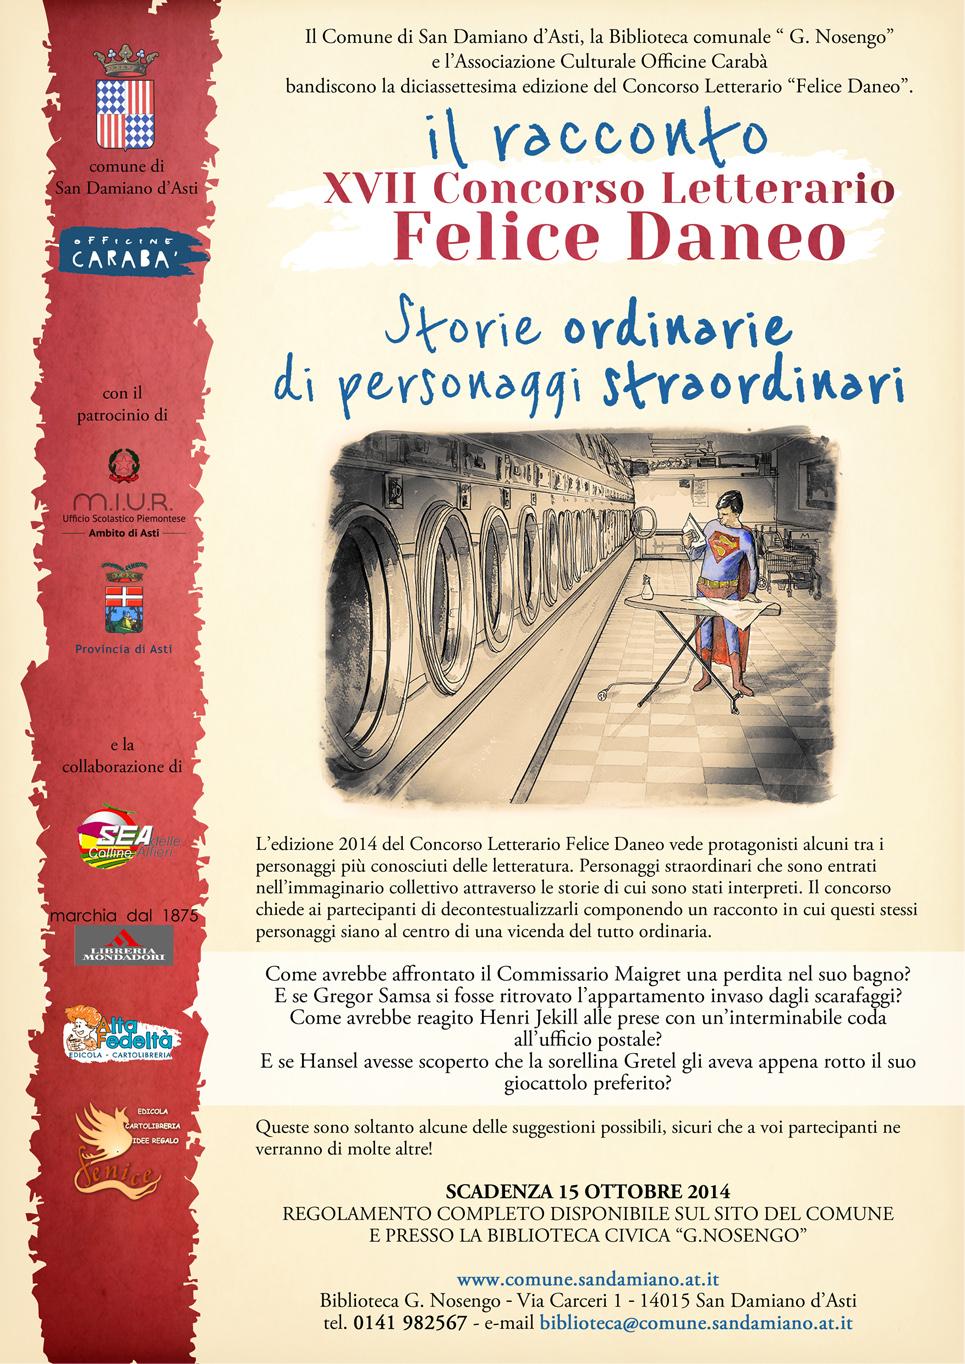 Concorso letterario Felice Daneo, aperte le iscrizioni